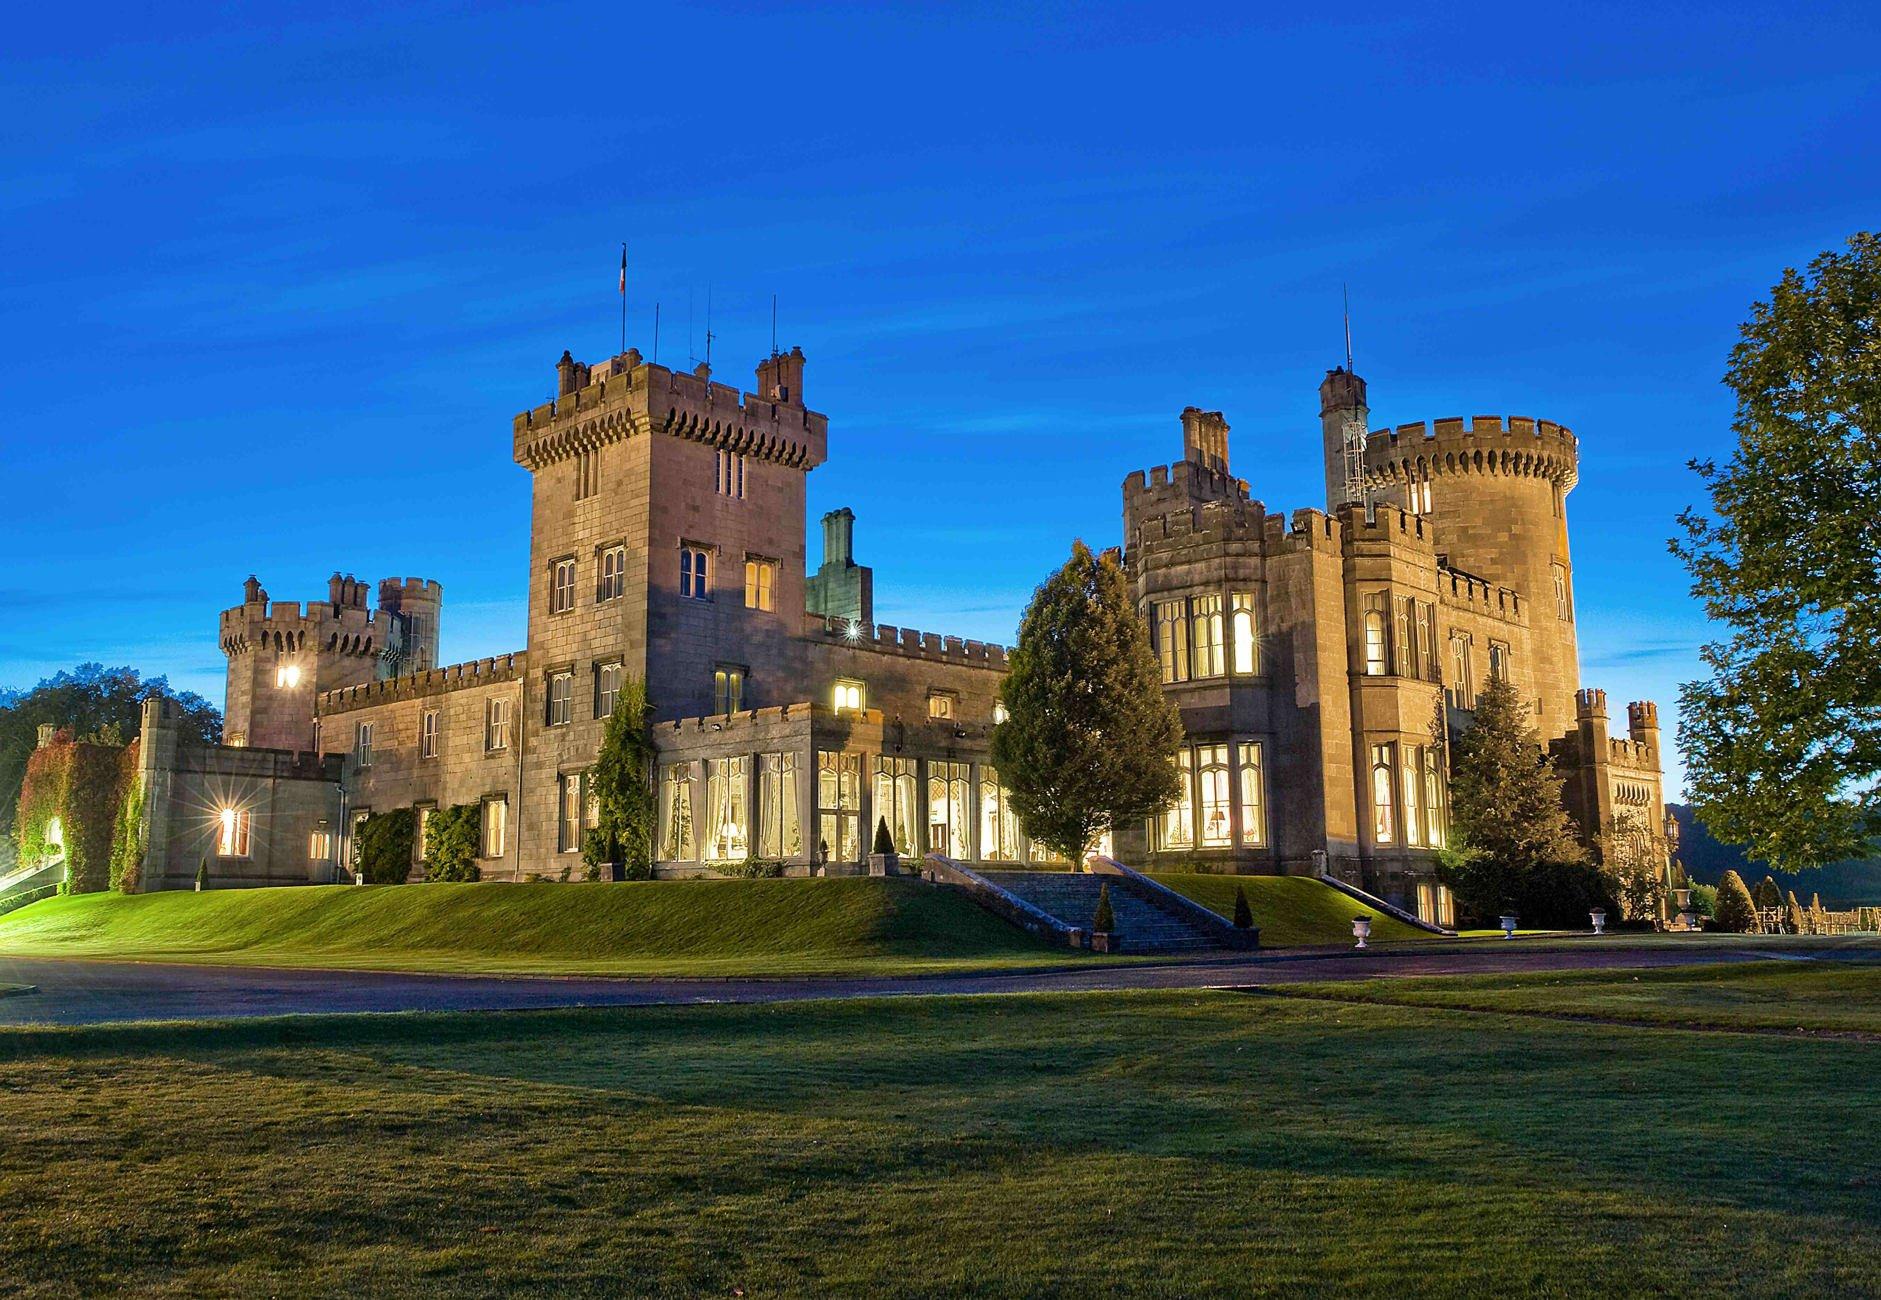 Dromoland Castle - County Clare